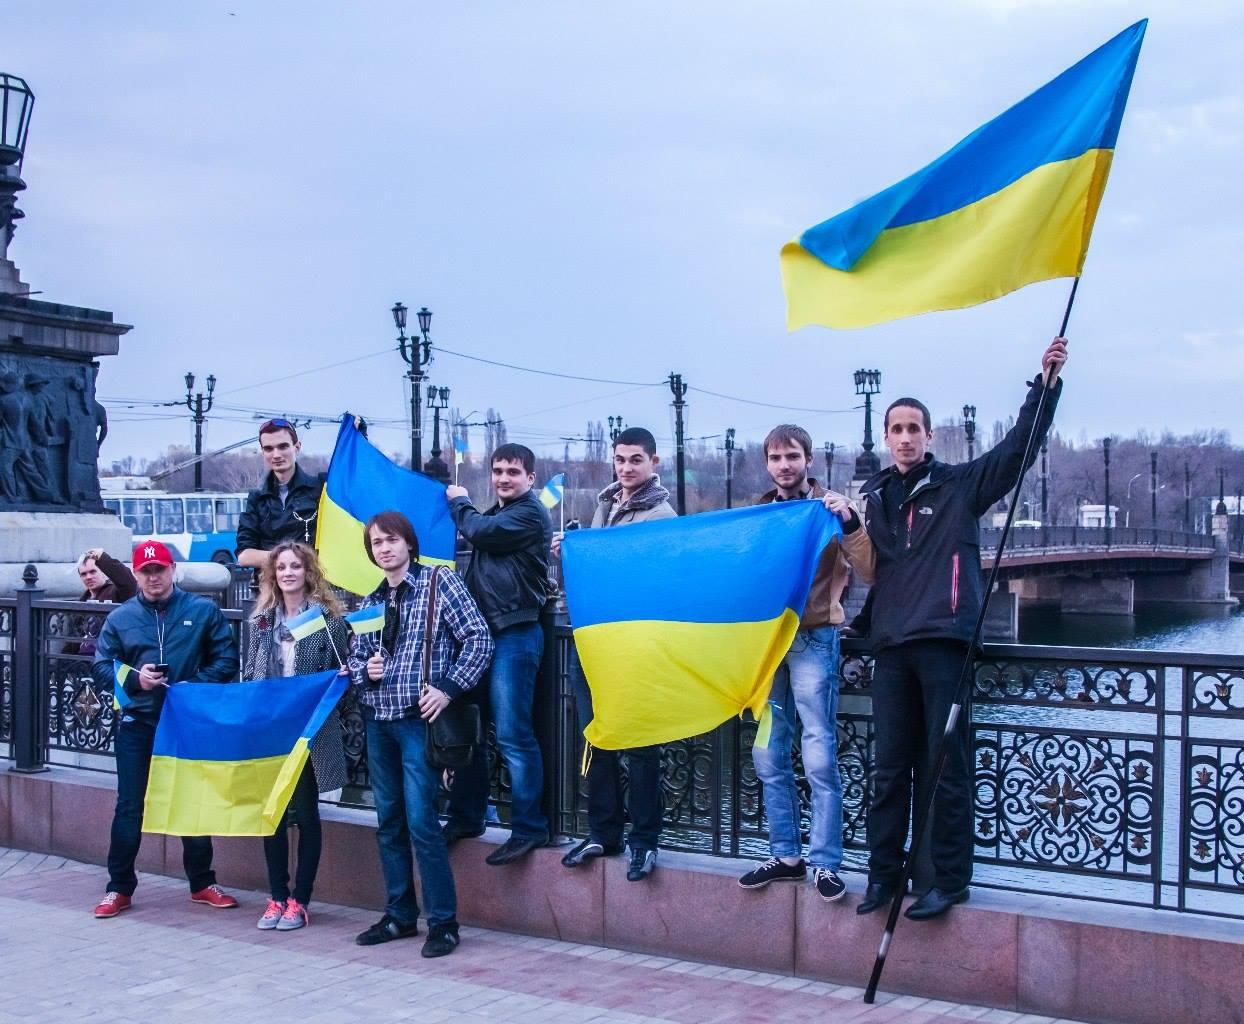 Ситуация в Донецке: новости, курс валют, цены на продукты 21.03.2016